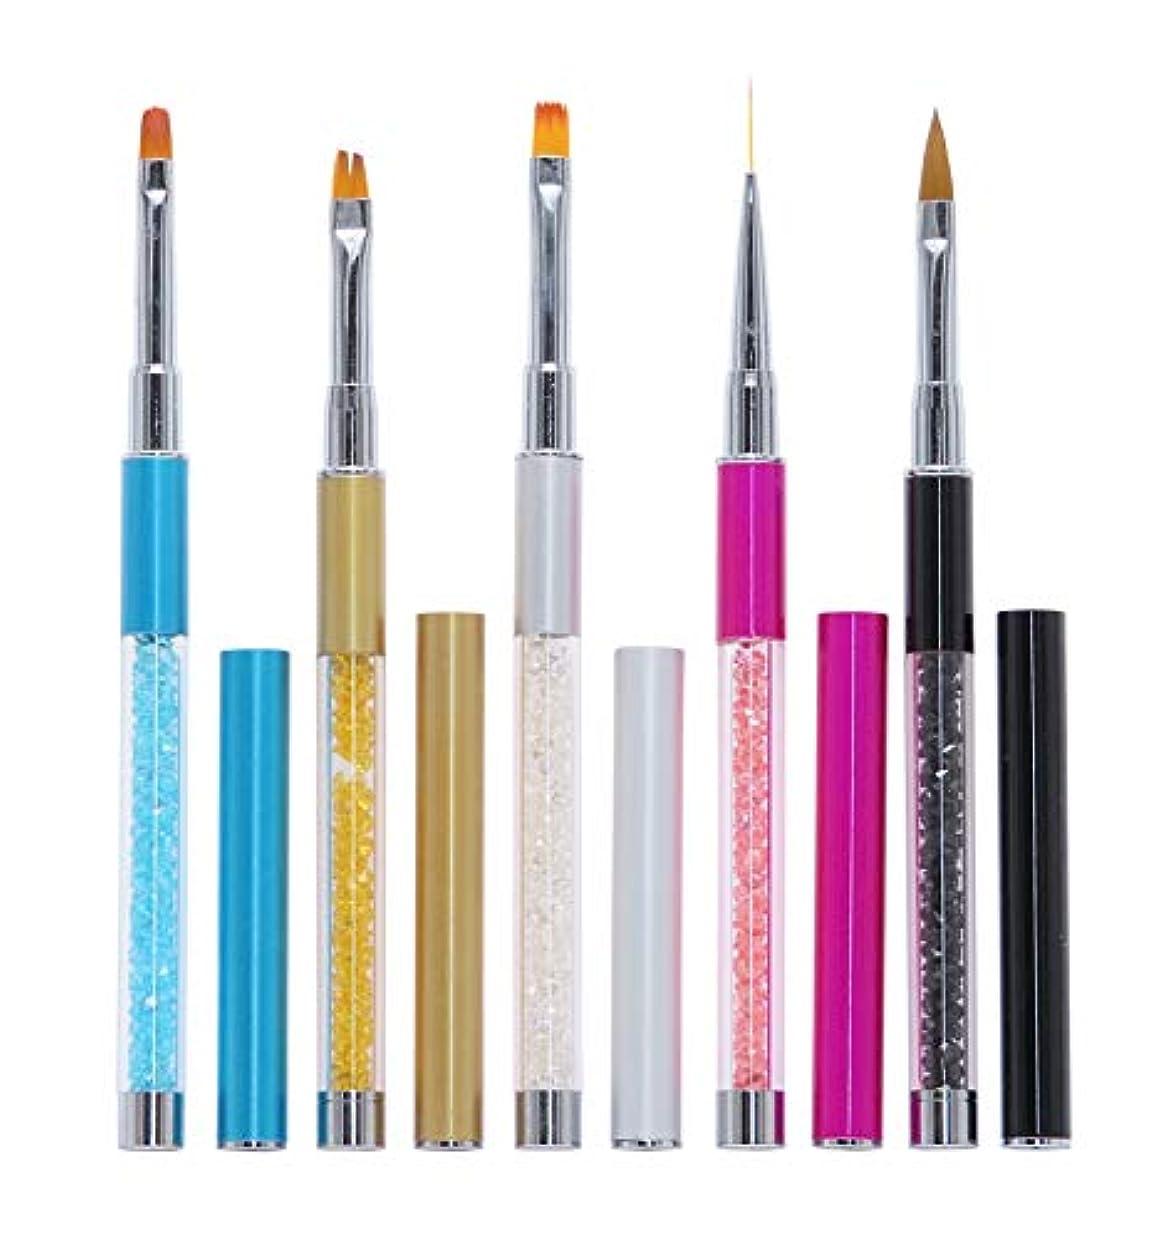 変位薄い寄付するParaizo ネイルアートペン 5本セットネイルアートブラシ マニキュアツールキット ネイルブラシセット ネイルツール ネイル用品 アクリル UV用 キャップ付き